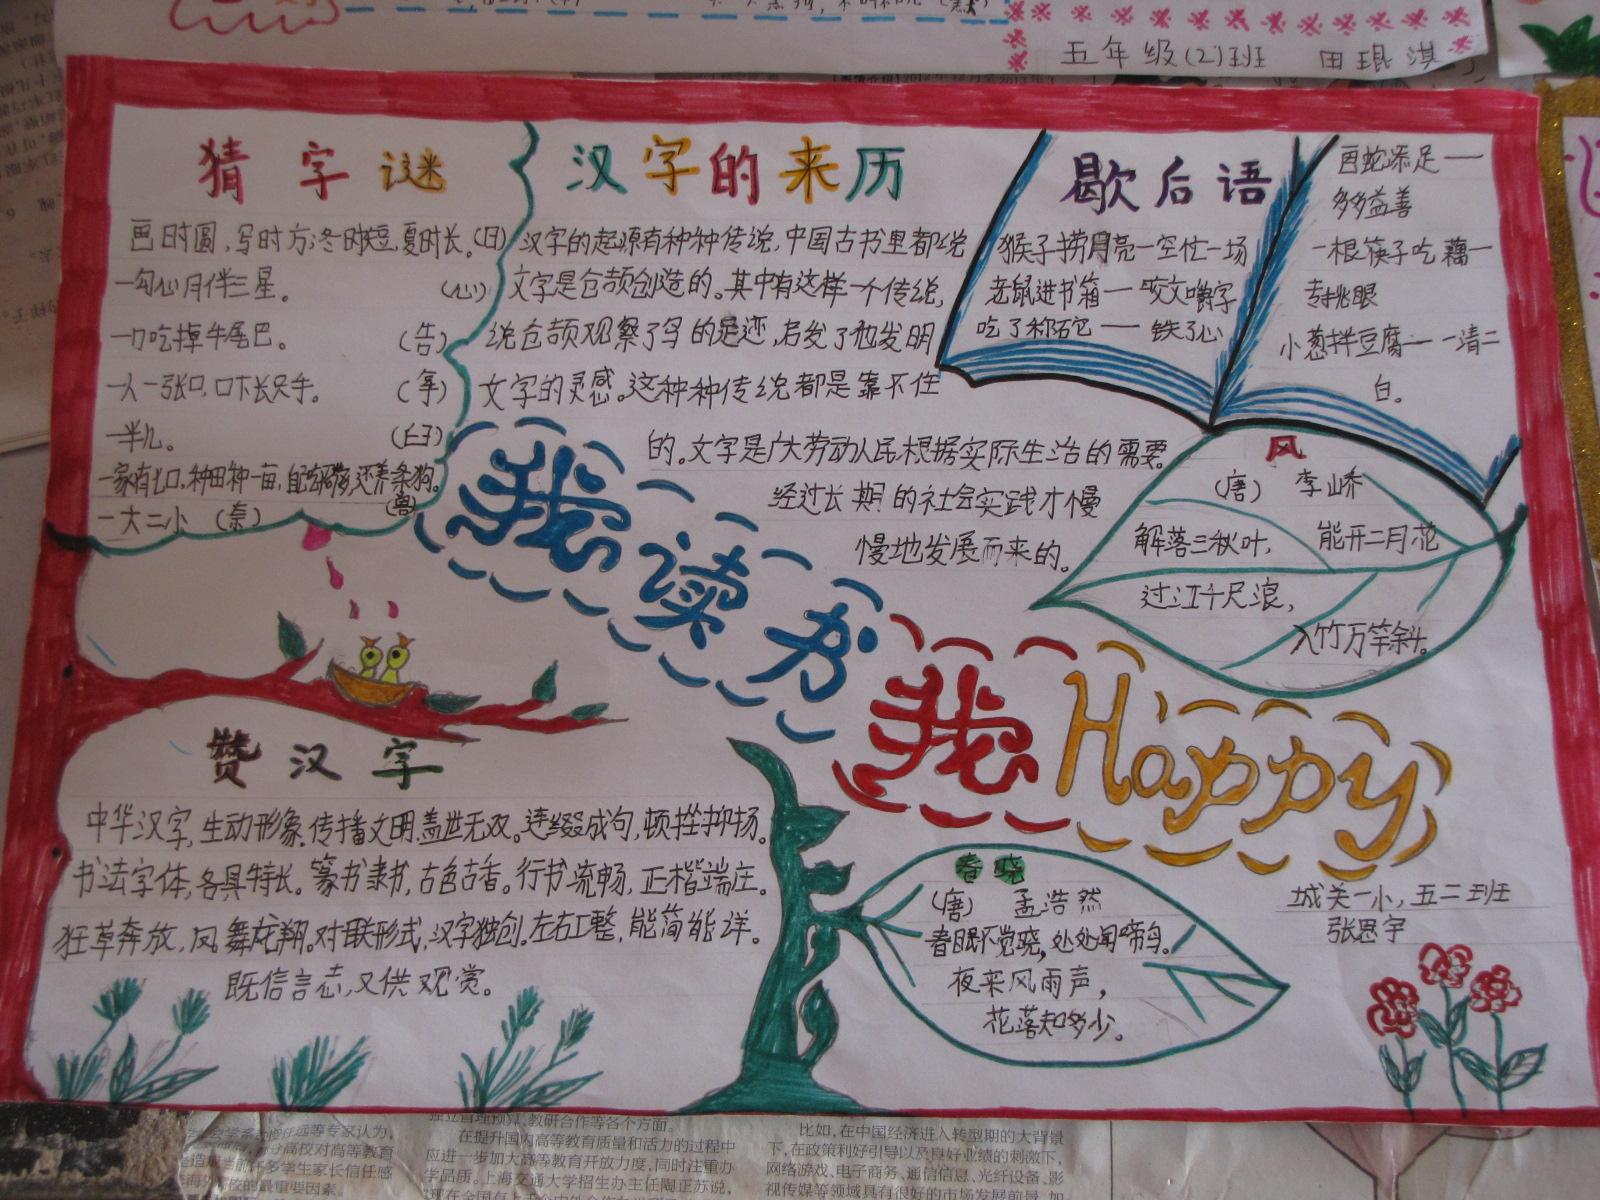 我骄傲我是中国人手抄报图片